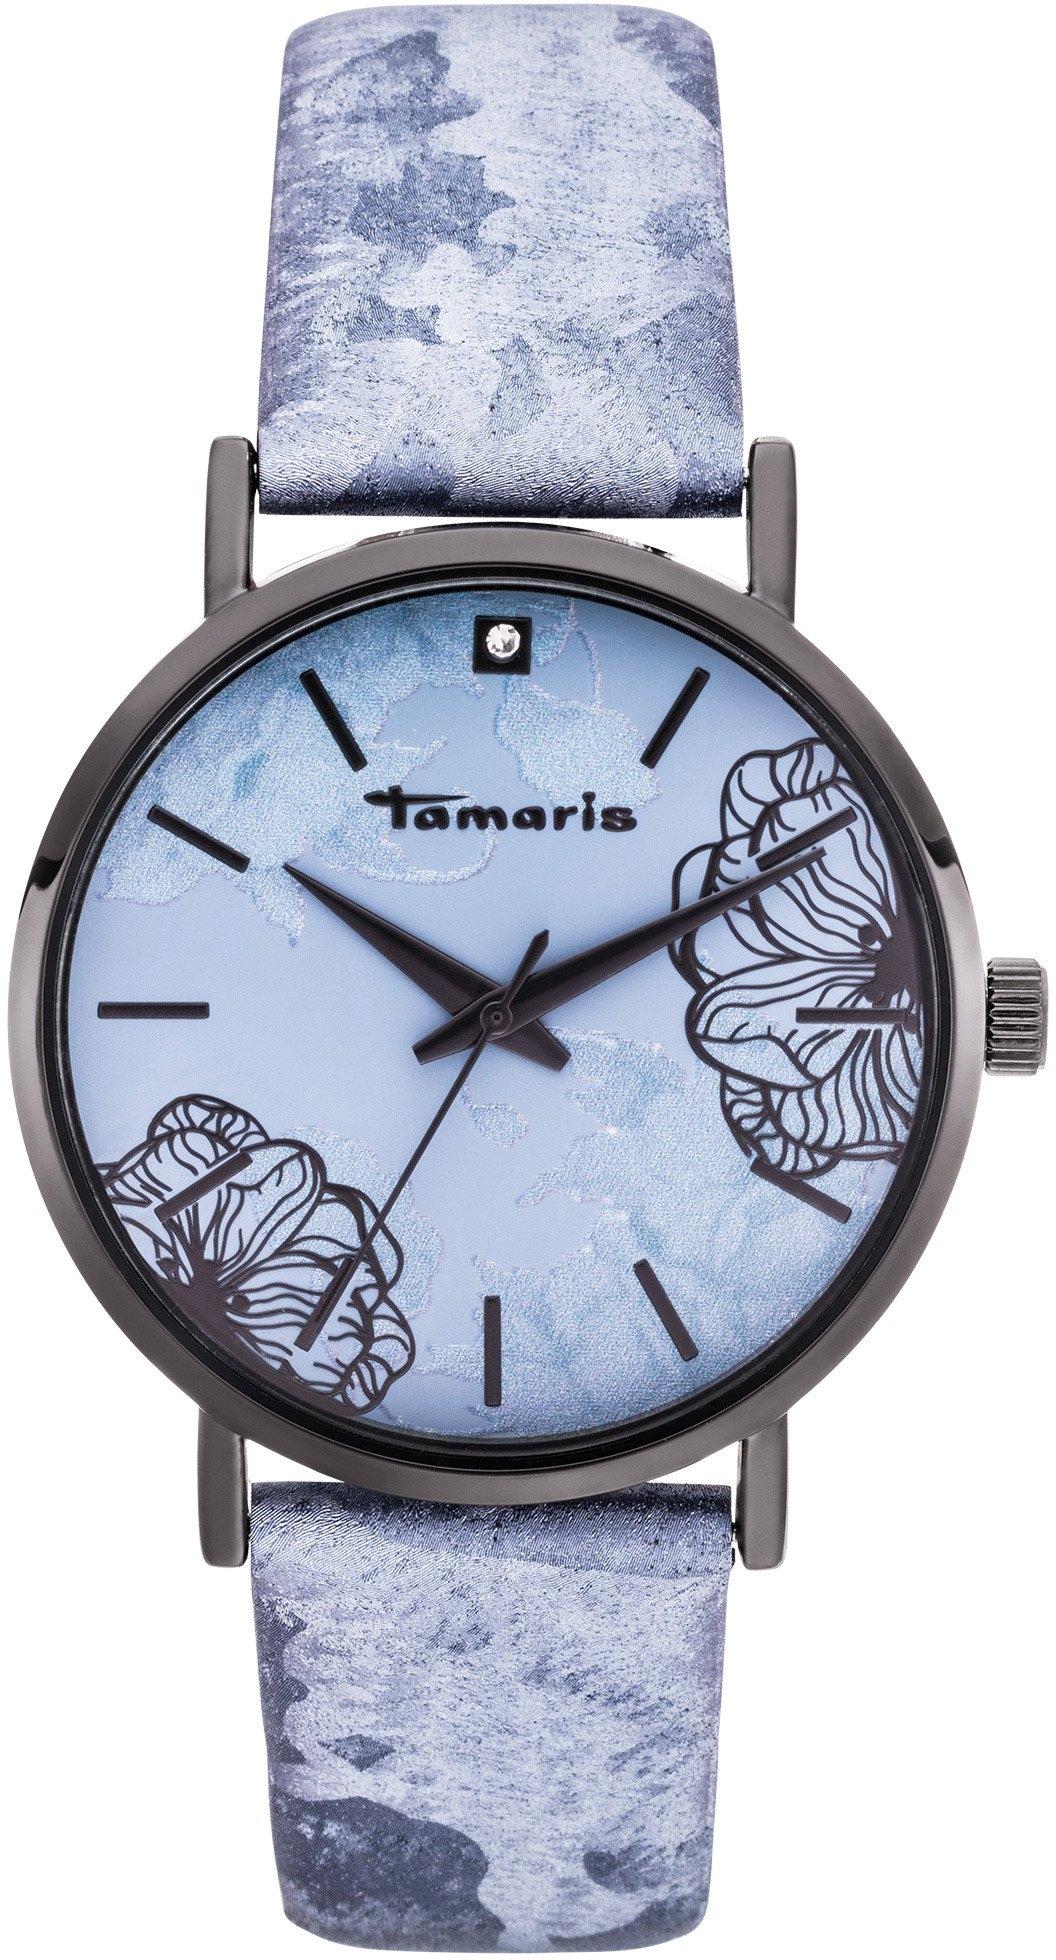 Tamaris kwartshorloge »Dora, TW301« nu online bestellen